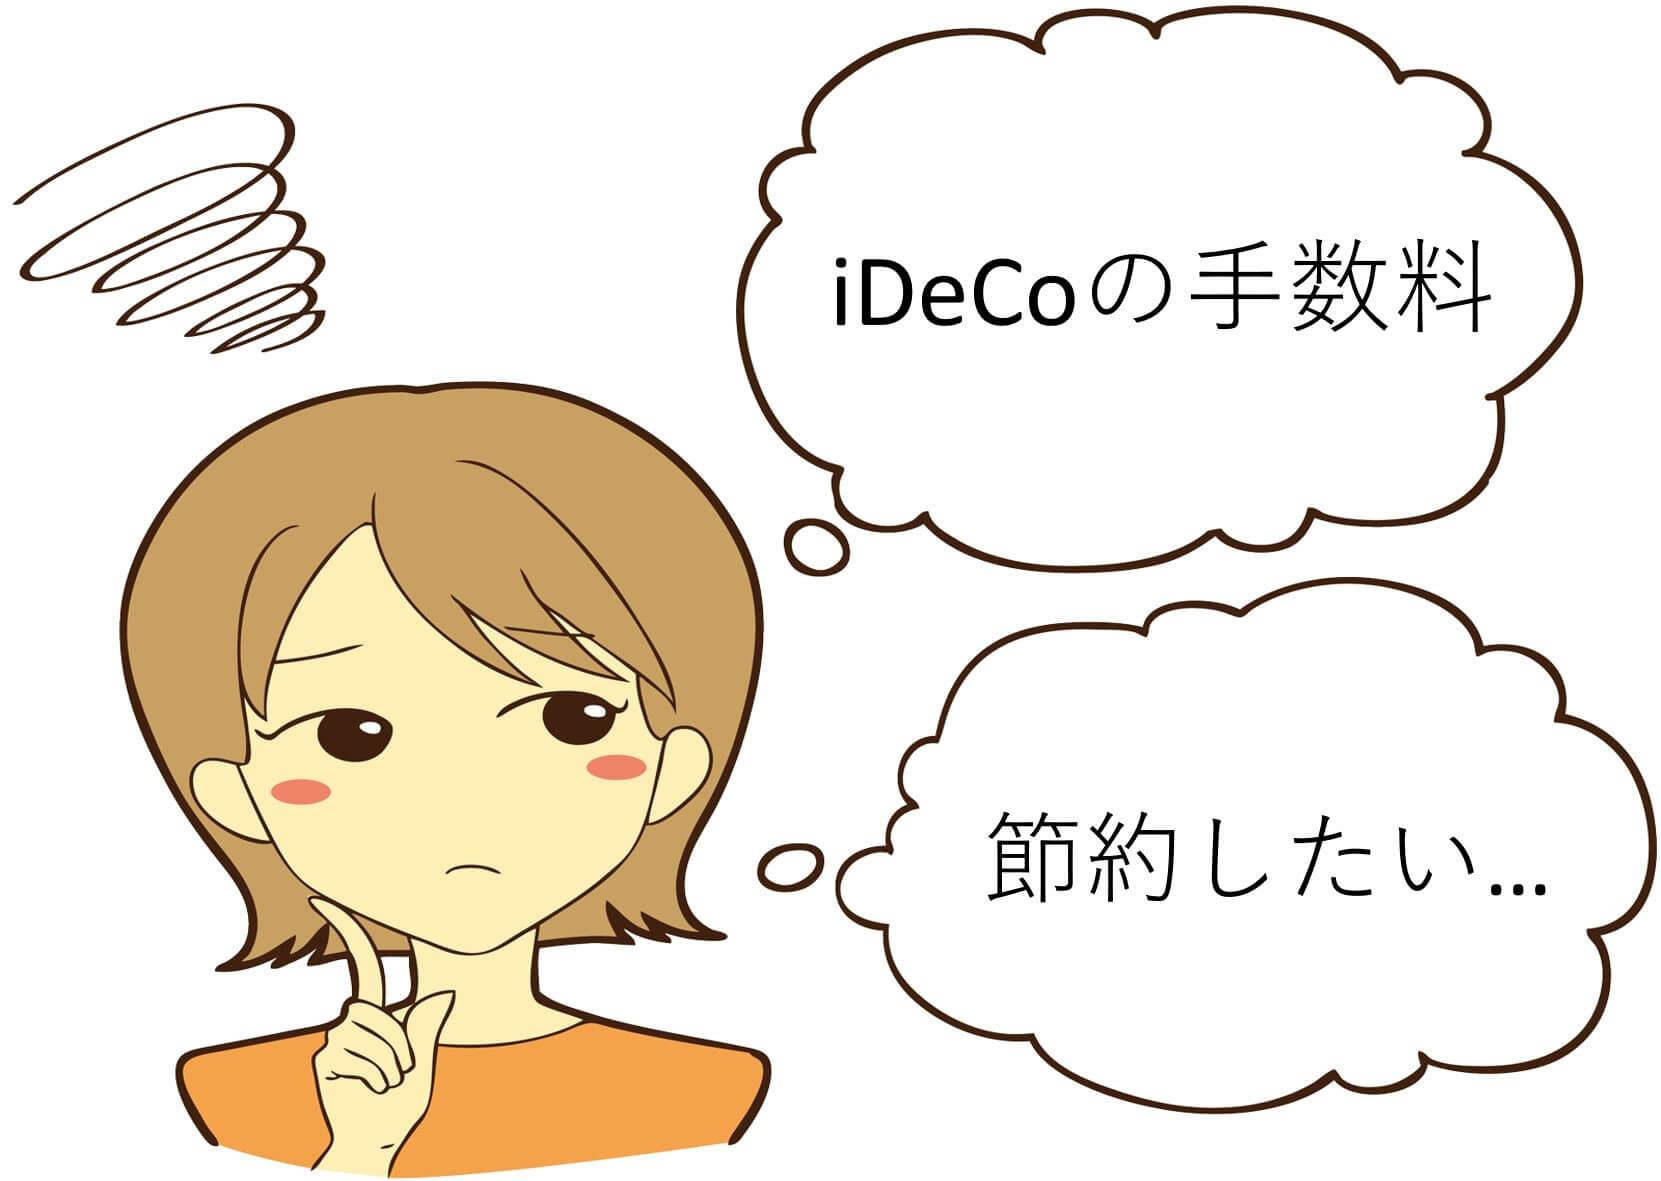 iDeCoの手数料をかしこく節約する方法